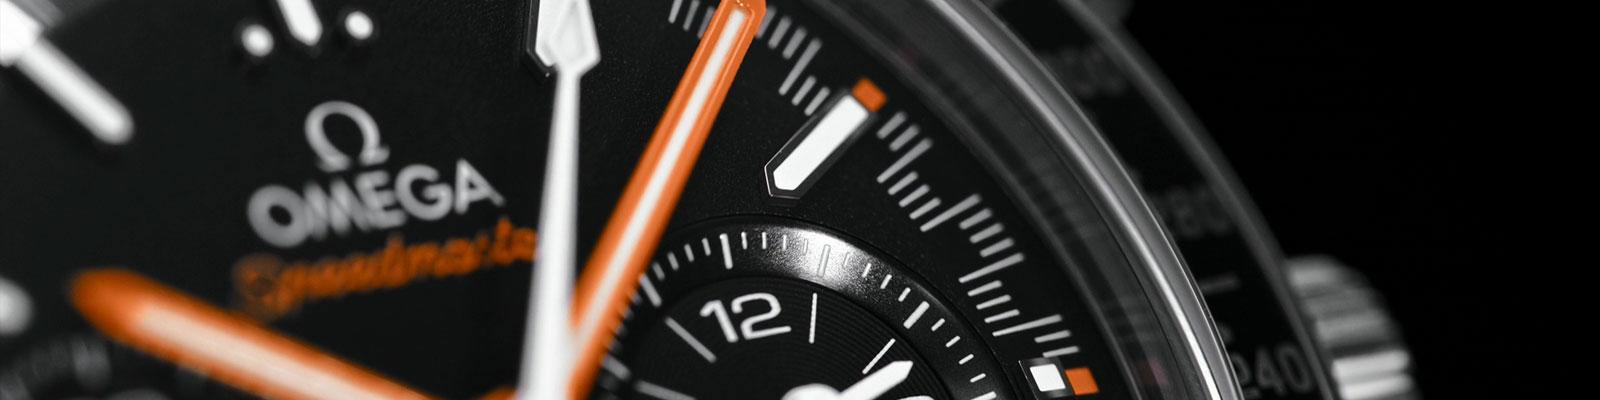 赛车计时表 - 背景